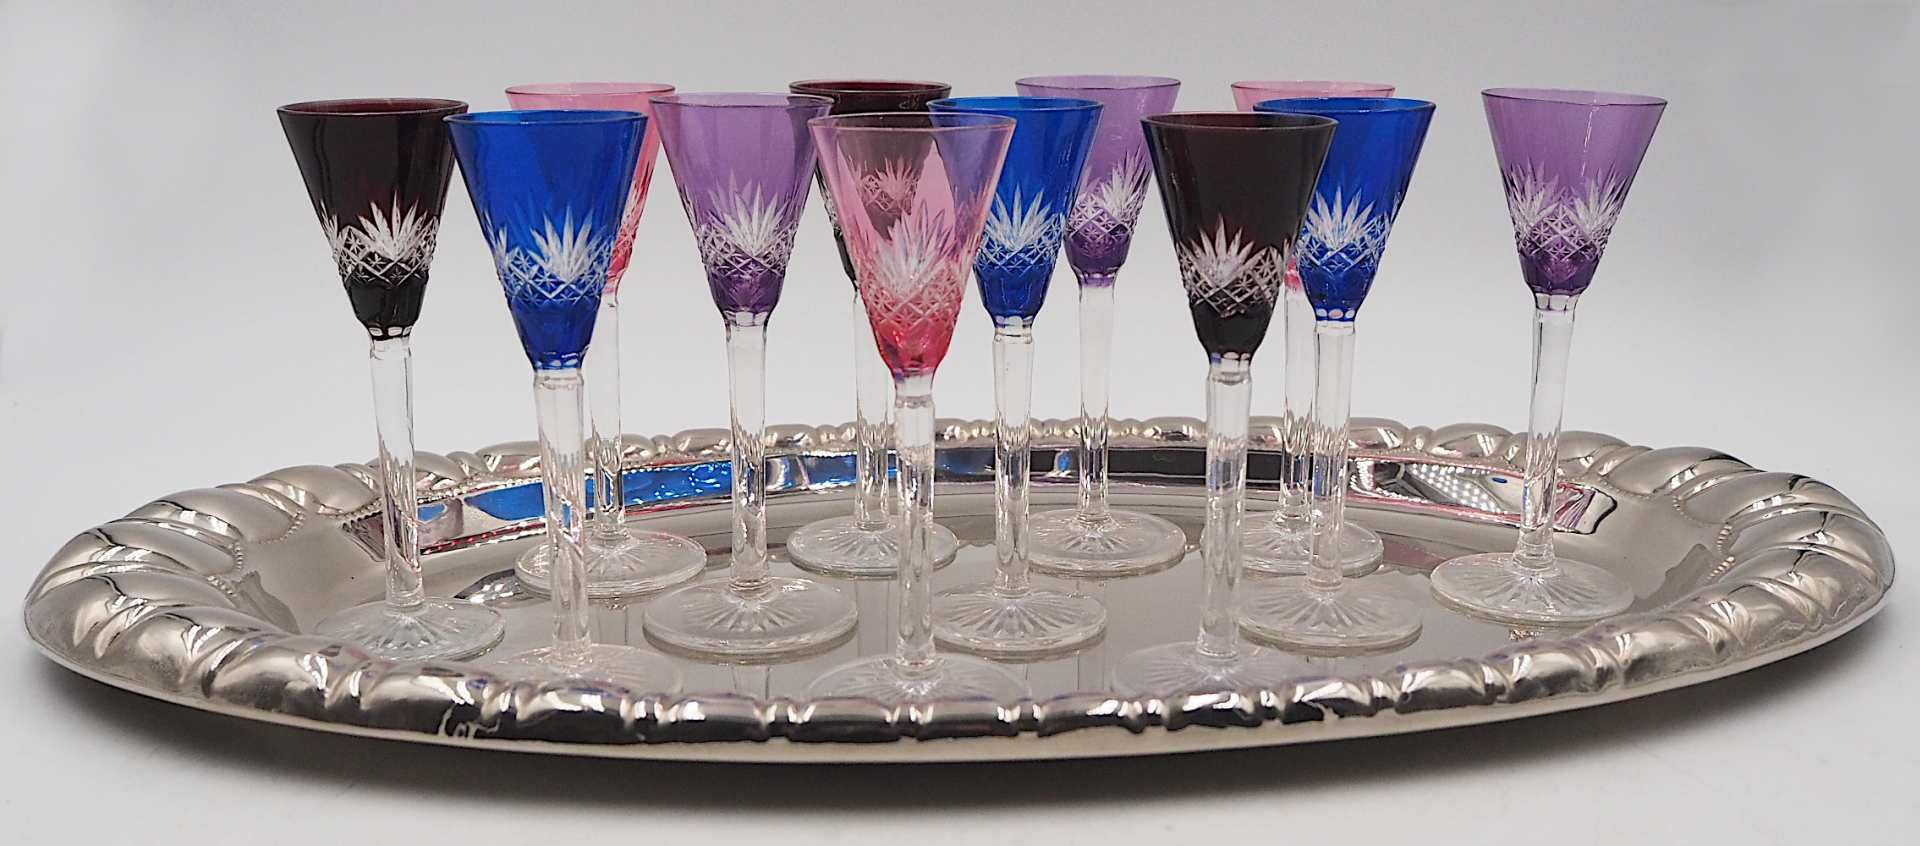 12 Likörgläser Kristall geschliffen, in verschiedenen Farben gefasst H je ca. 12cm s - Bild 2 aus 2